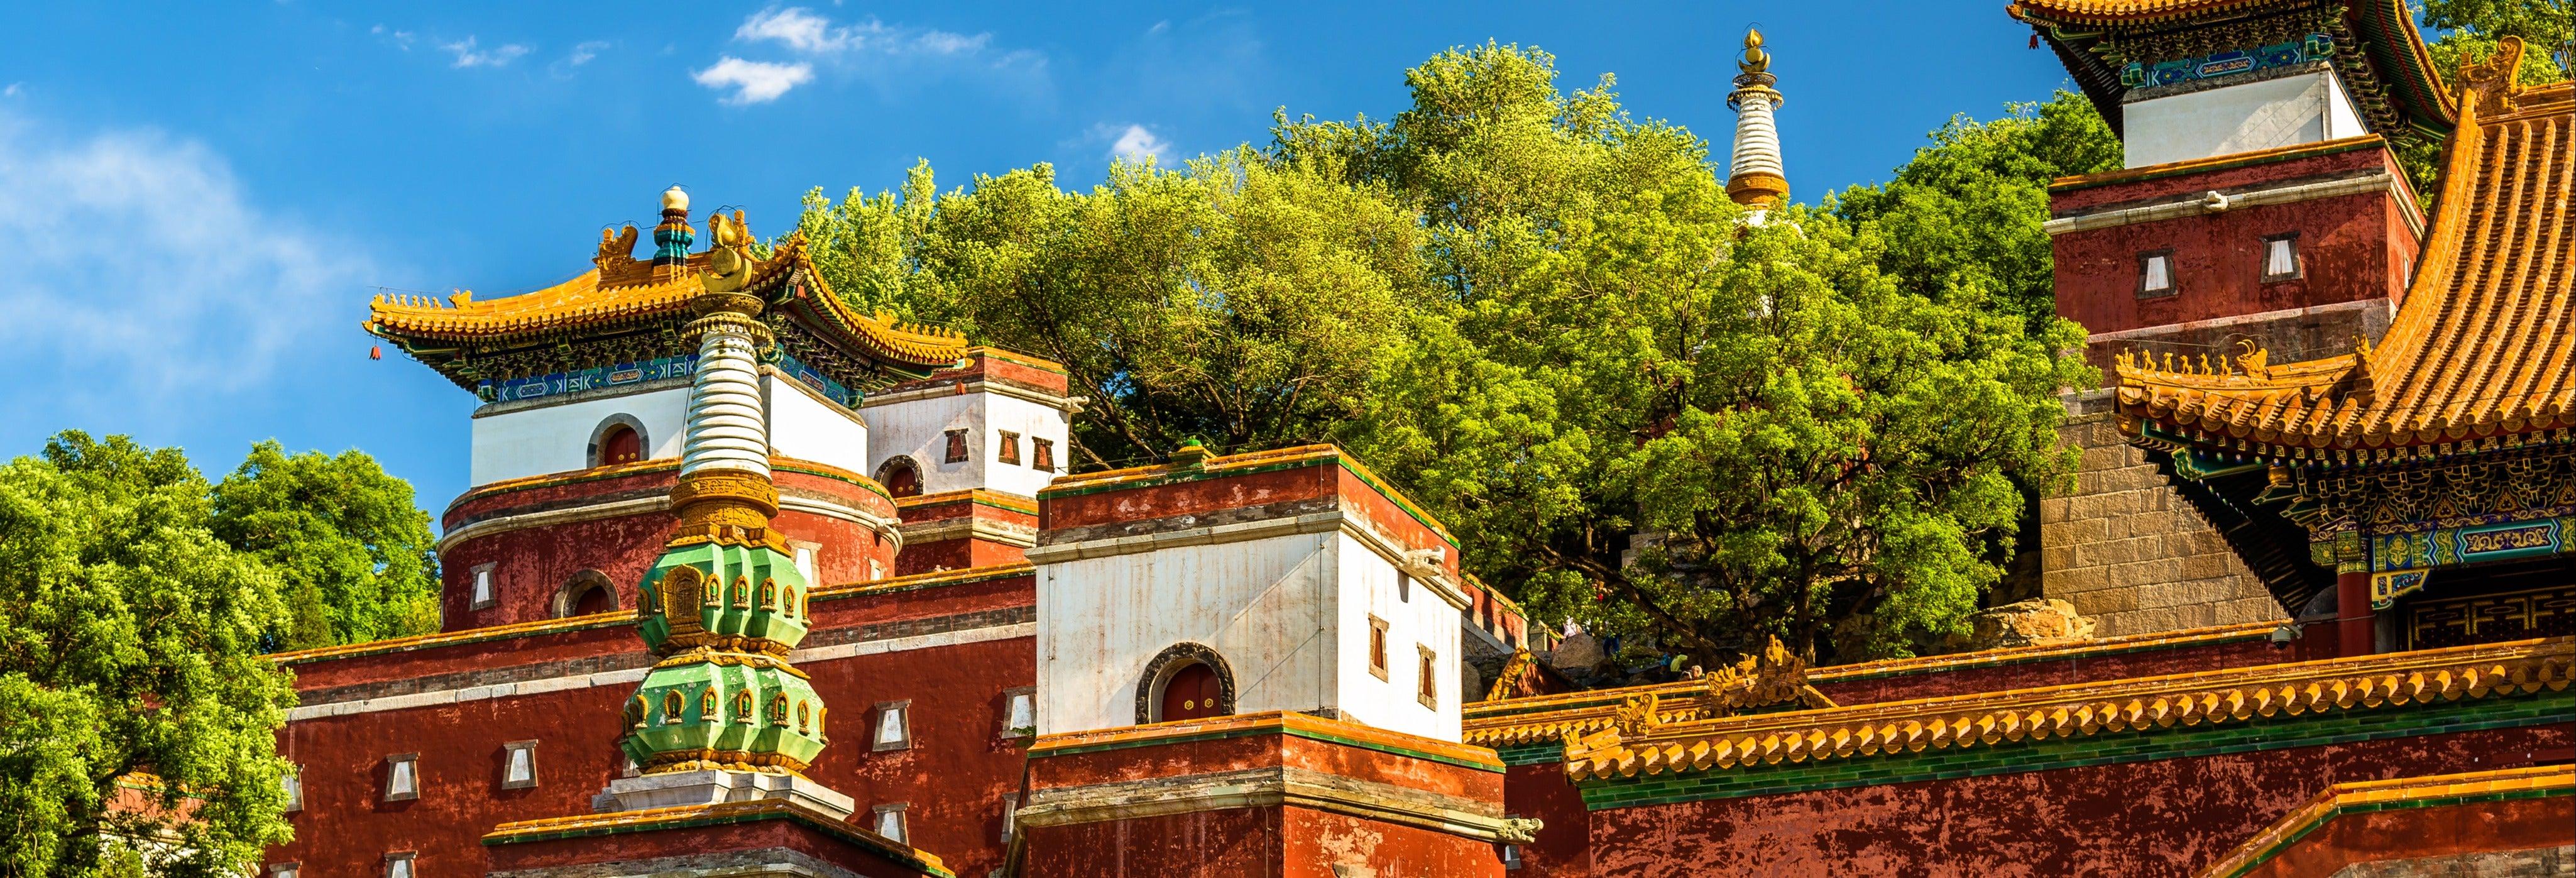 Palazzo d'Estate e Tempio dei Lama